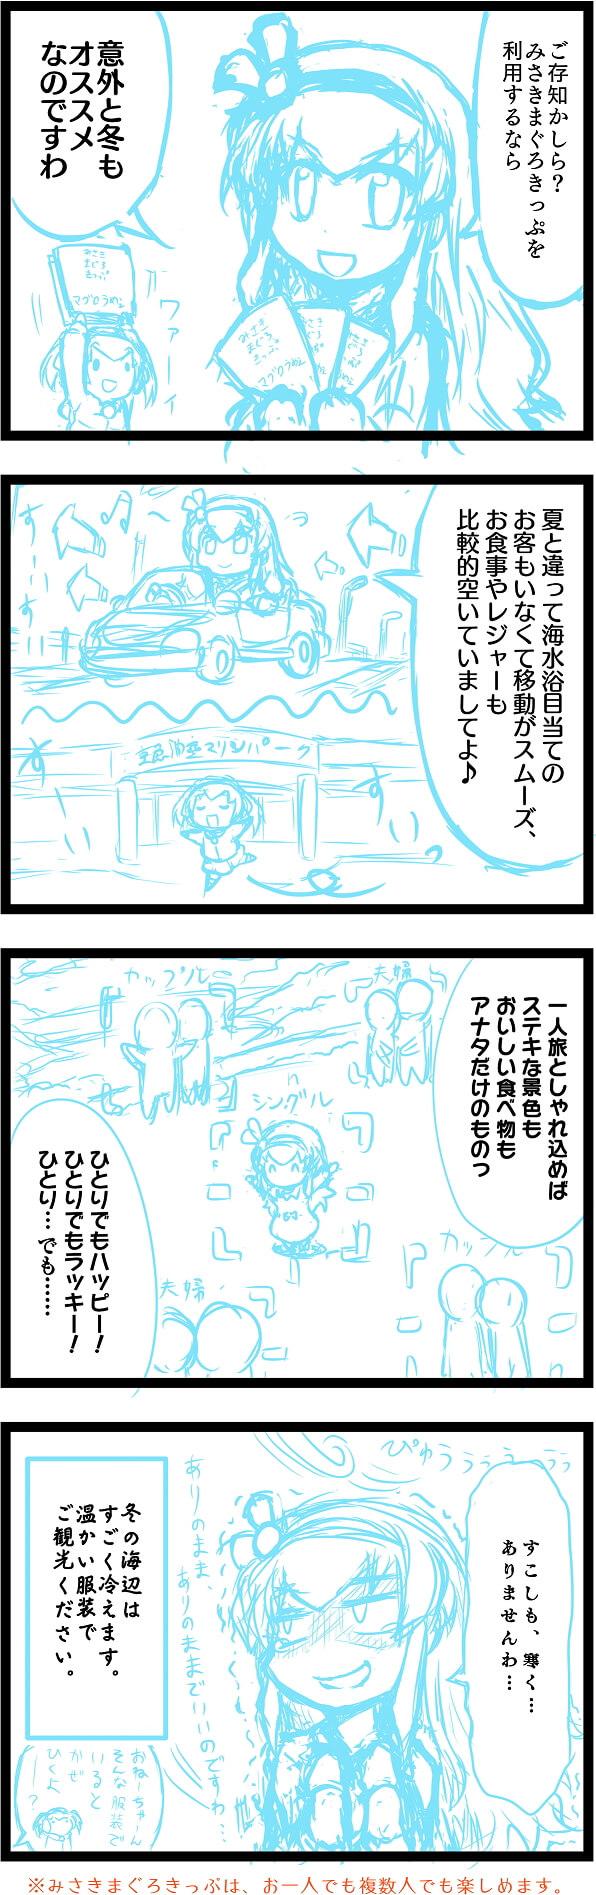 みさきまぐろきっぷ4コマ漫画